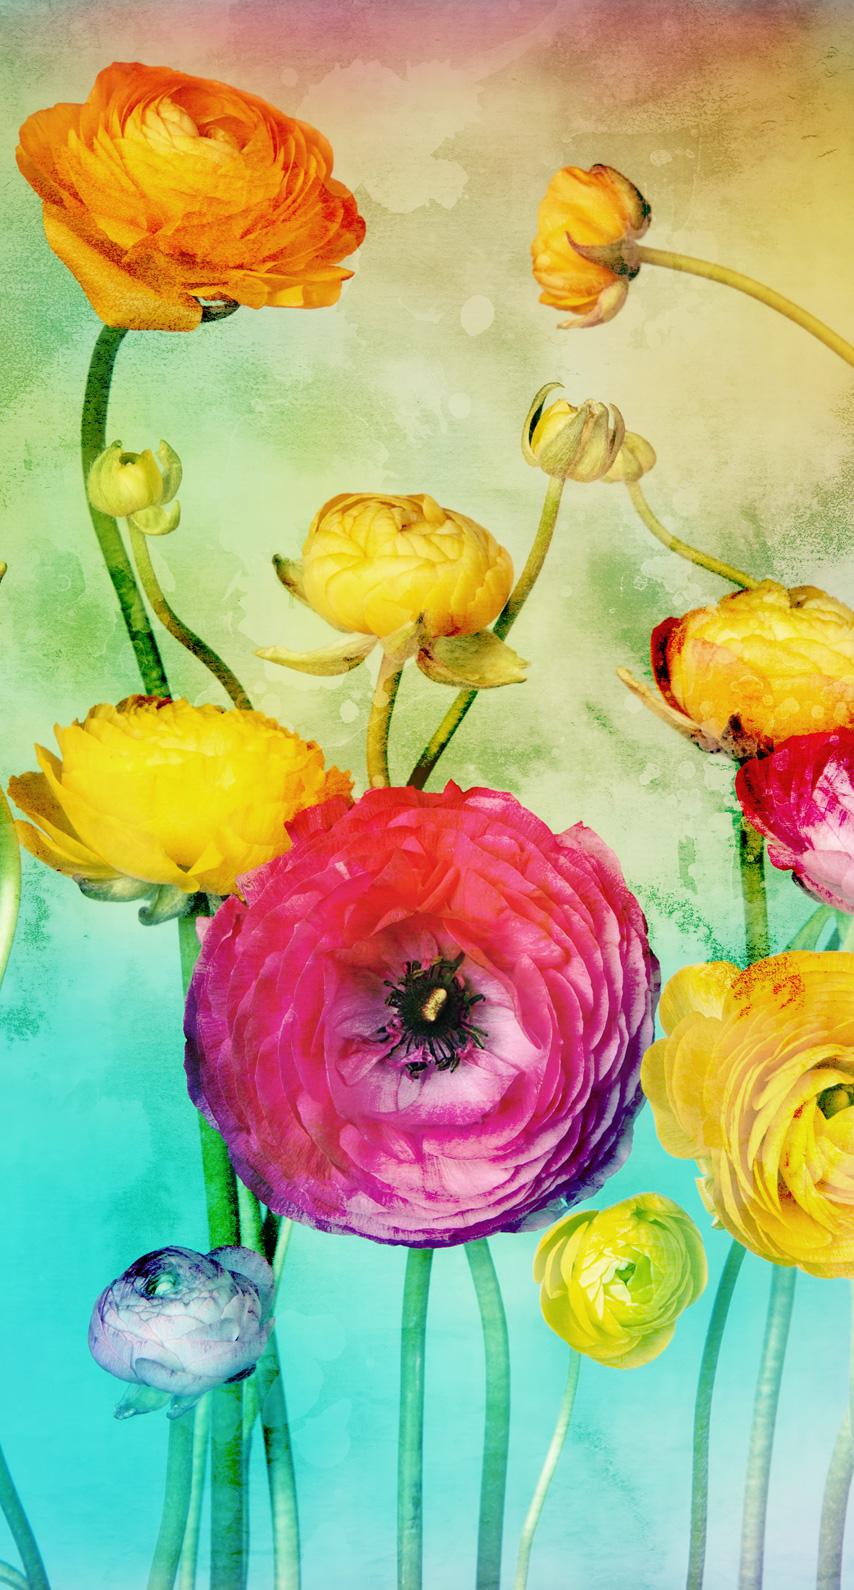 wildflower, garden roses